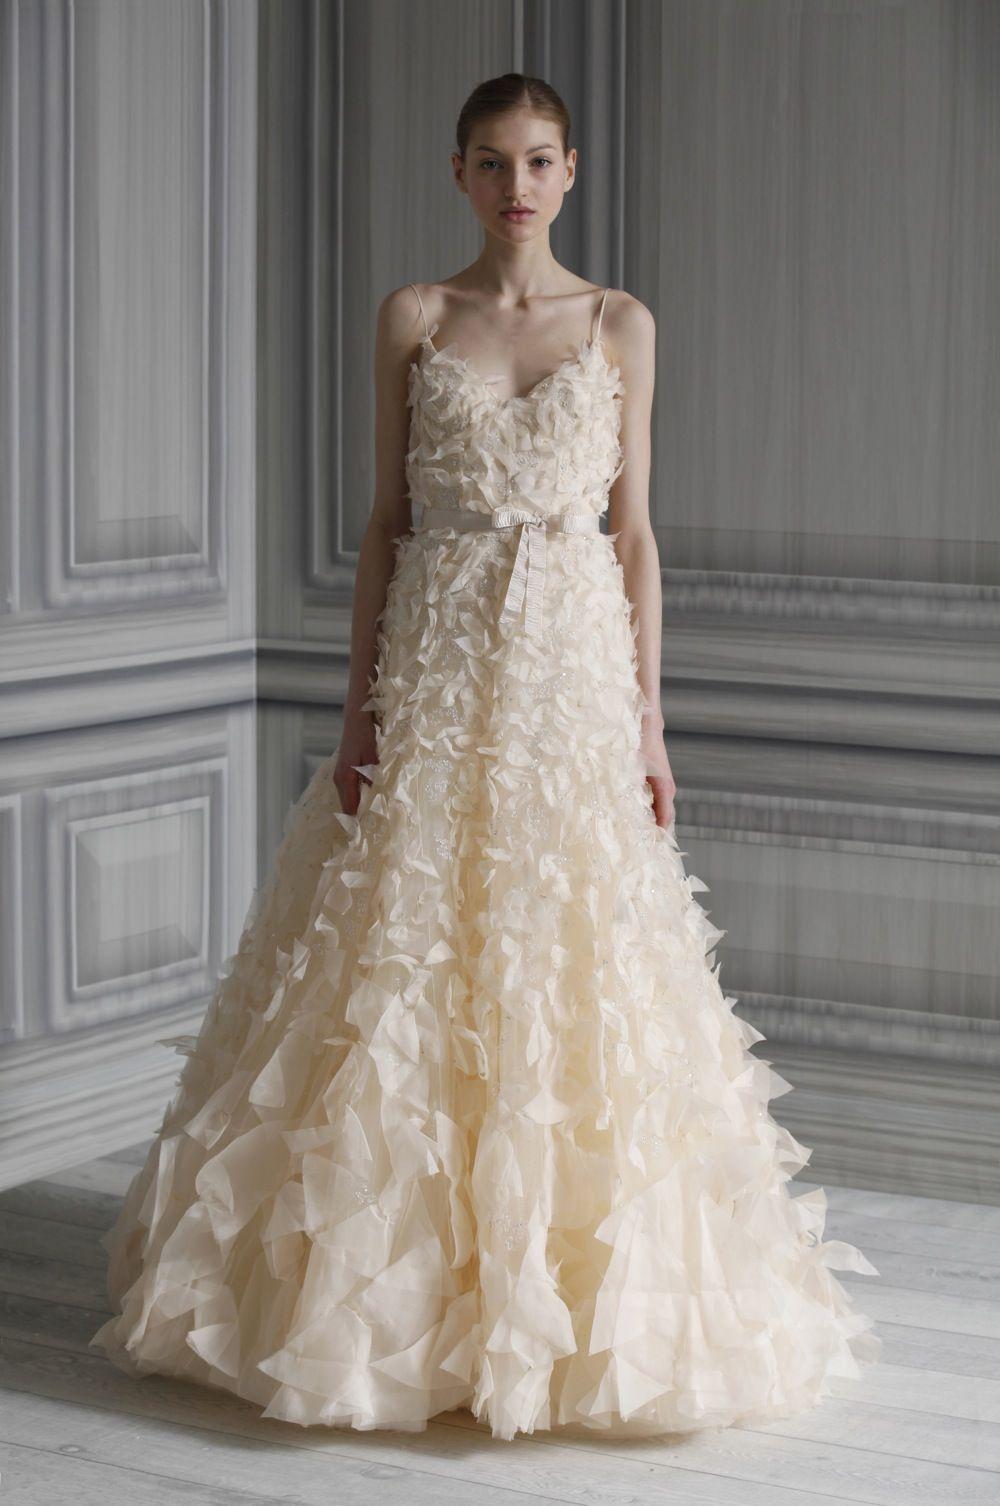 Wedding-dress-monique-lhuillier-bridal-gowns   The DRESS   Pinterest ...